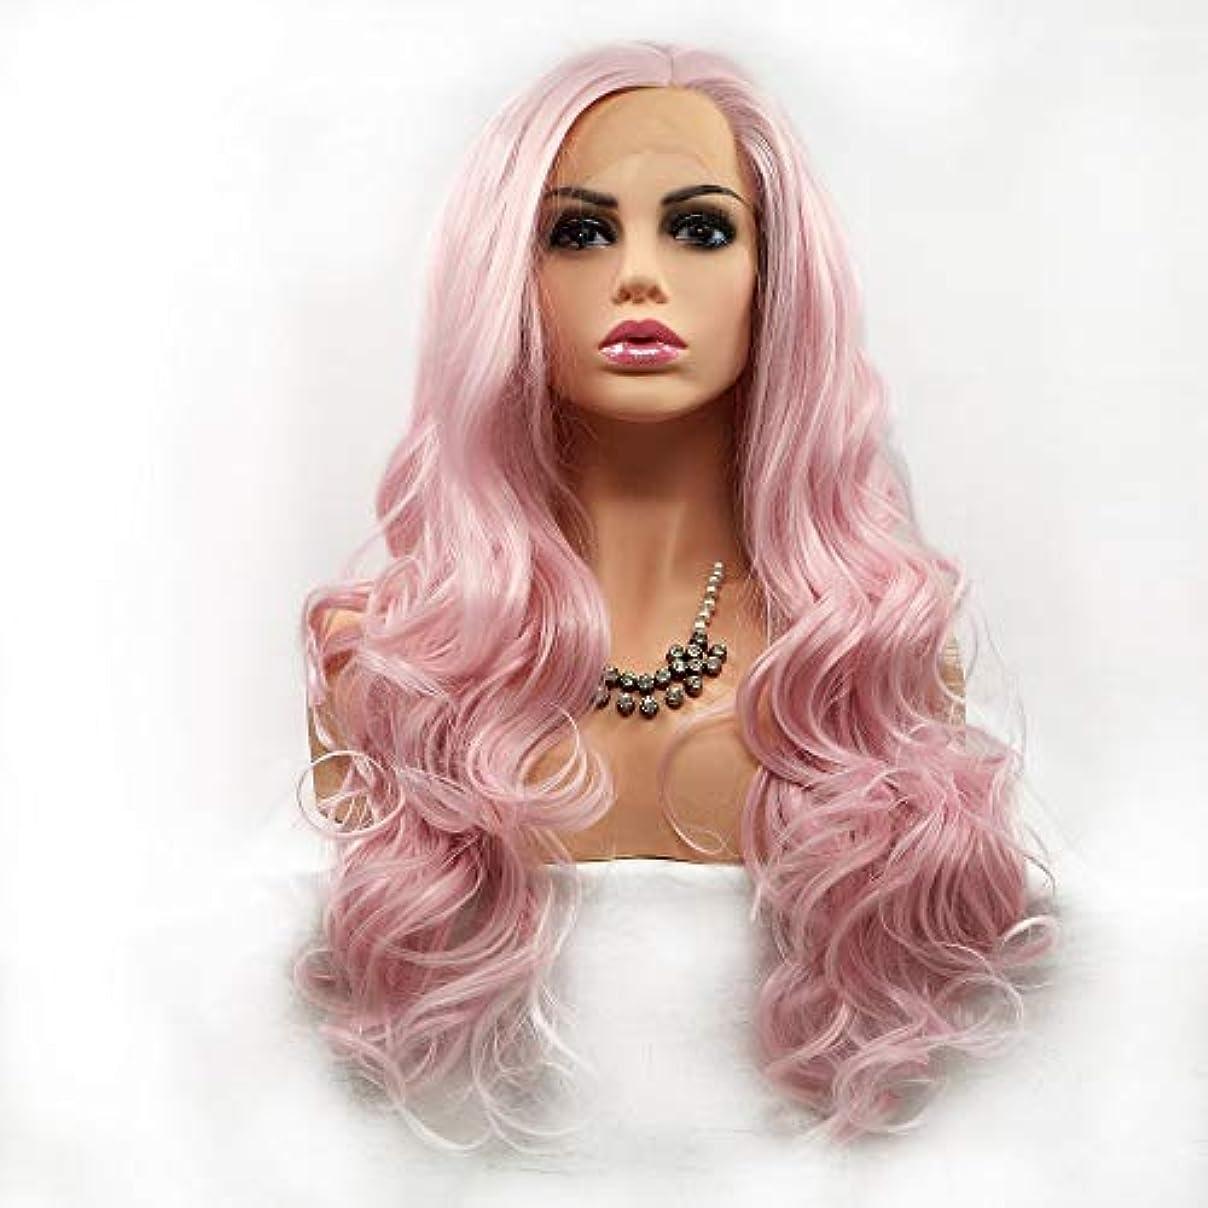 シャトル悪性メロンHAILAN HOME-かつら ピンクFarseeing髪カーリーヘアウィッグレディース手作りのレースのヨーロッパとアメリカのウィッグは、リアルなリアルな換気を設定ウィッグ髪で設定します。